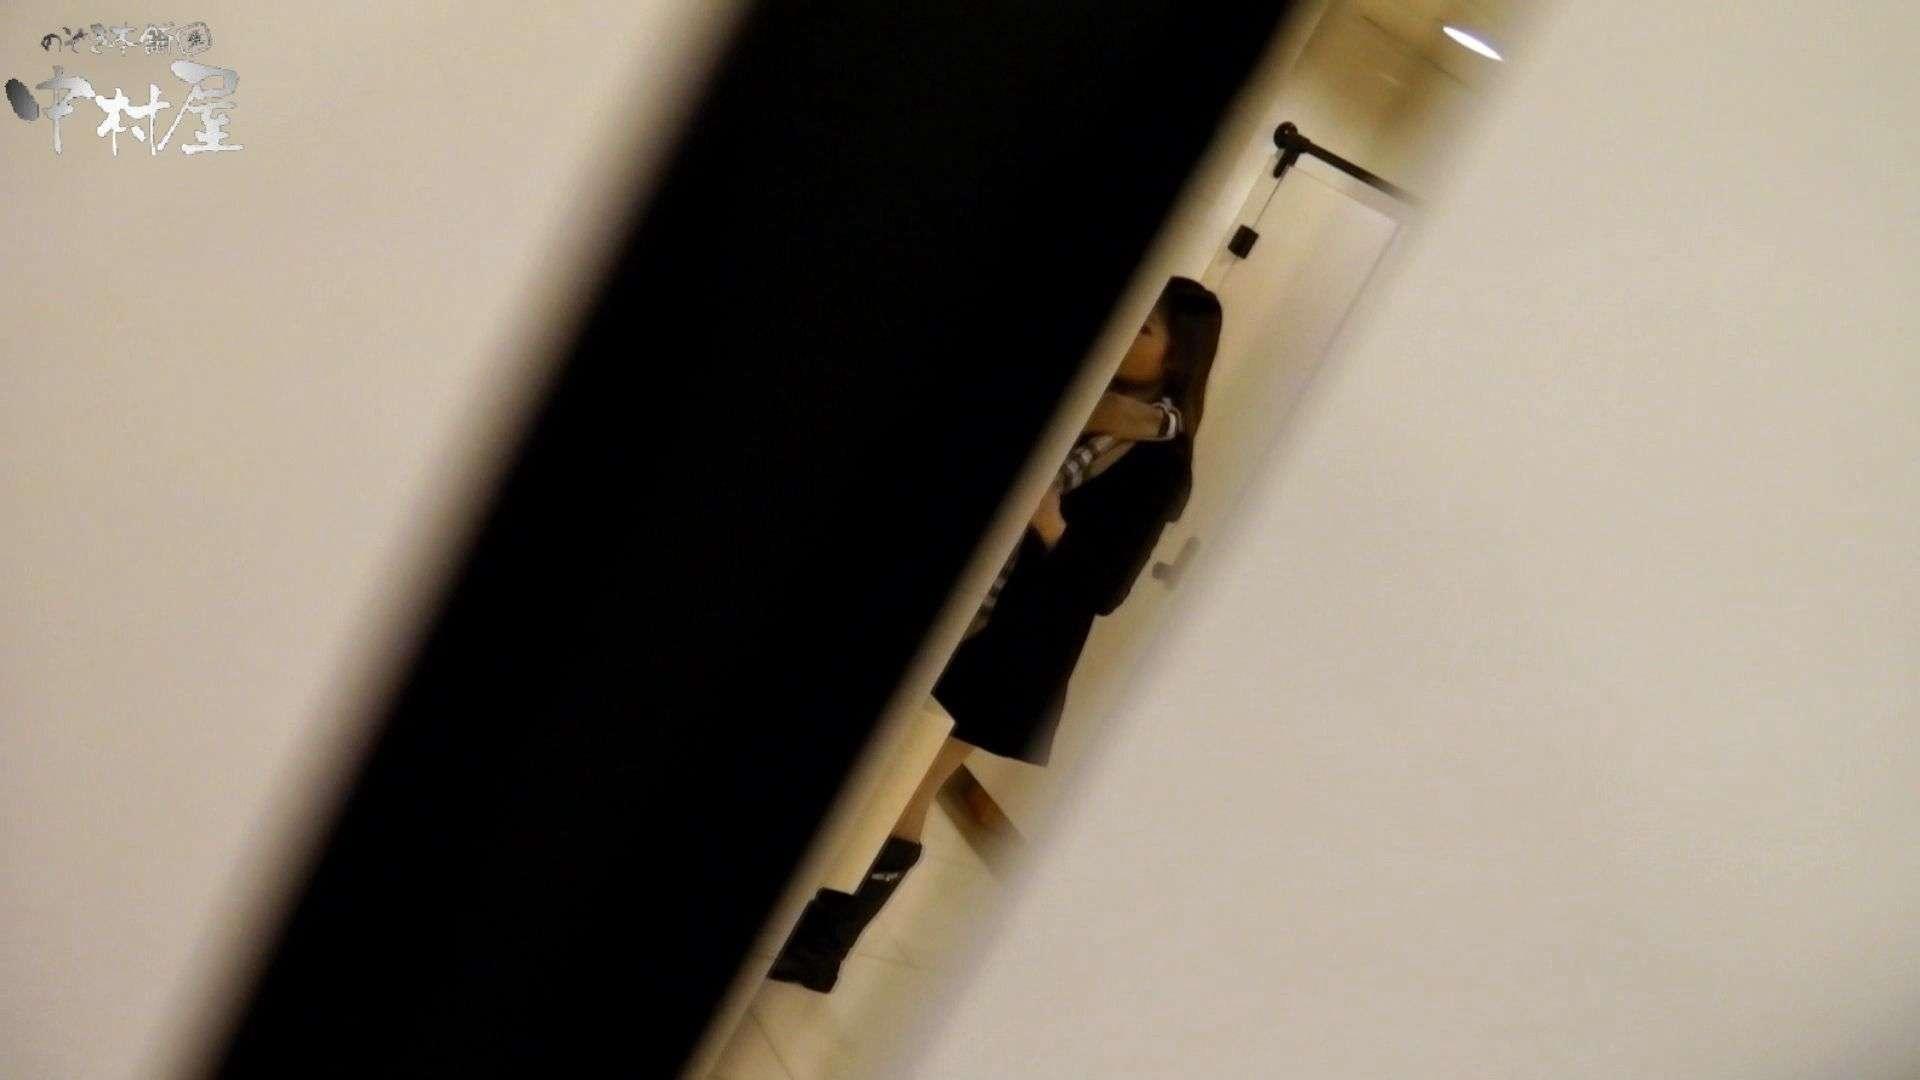 新世界の射窓 No72 モデル級なら個室から飛び出て追っかけます 洗面所 ヌード画像 56連発 22